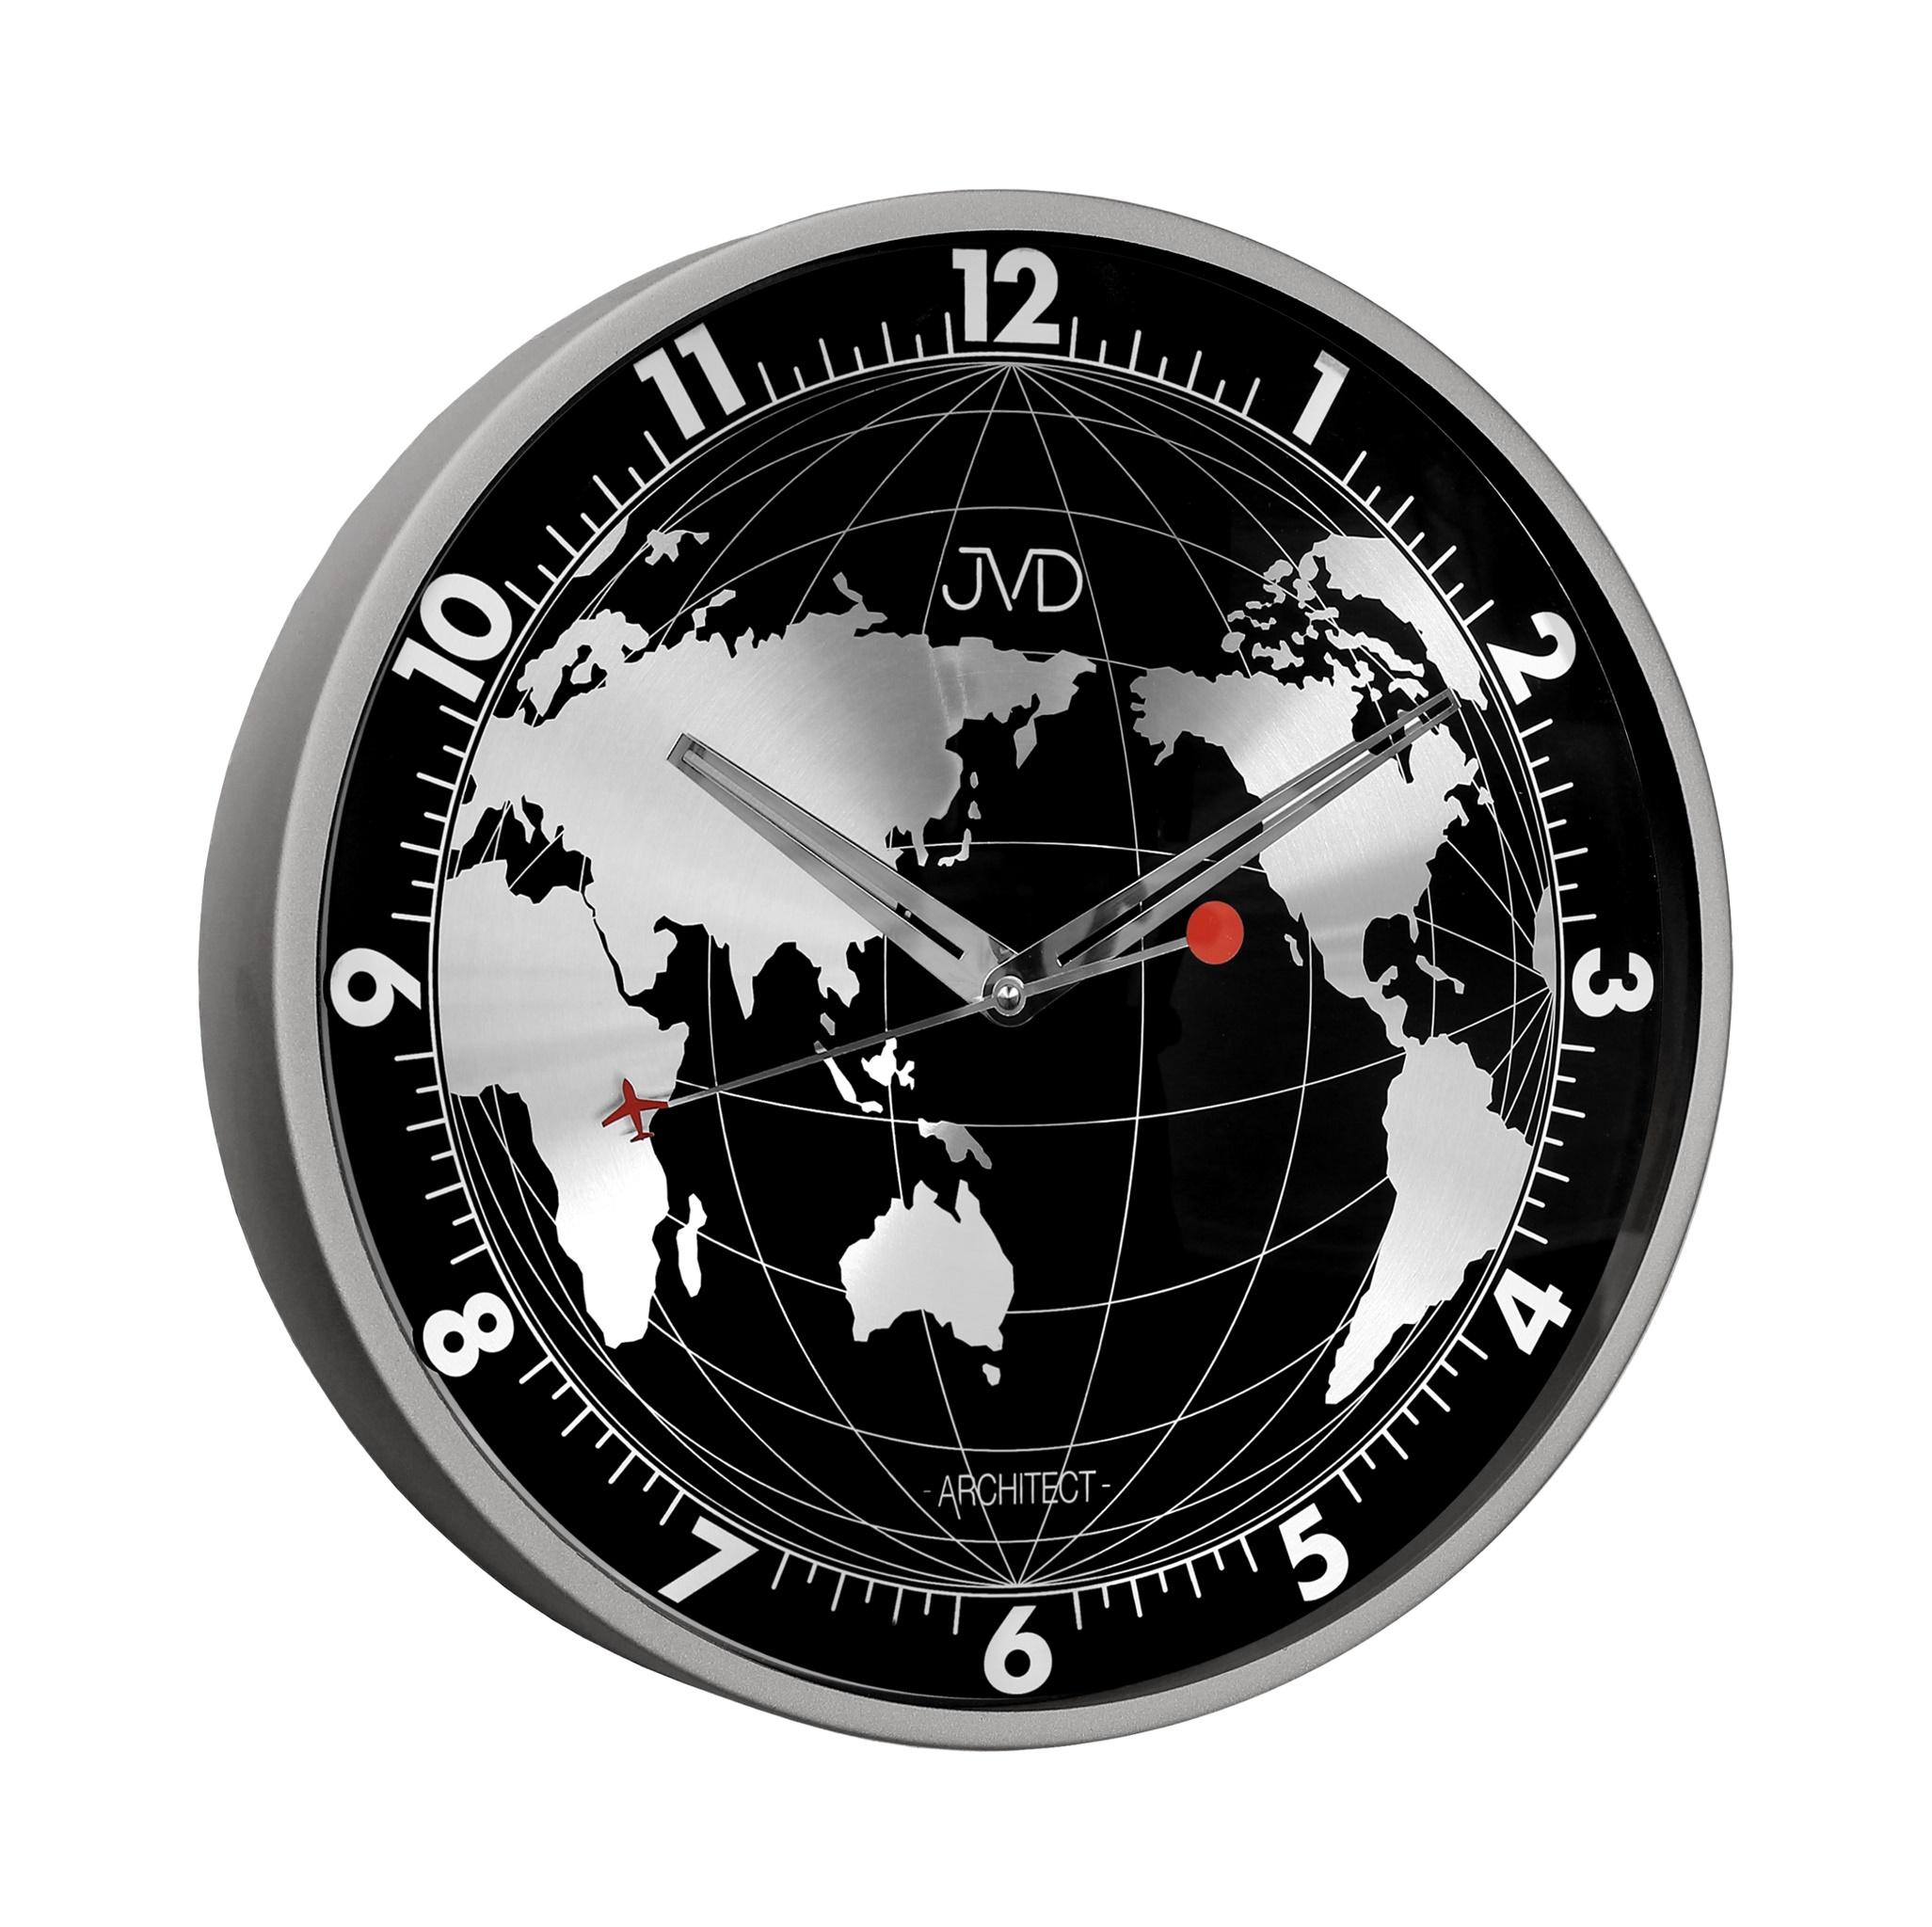 Celo - kovové designové hodiny JVD -Architect- HC15.2 (POŠTOVNÉ ZDARMA!!)